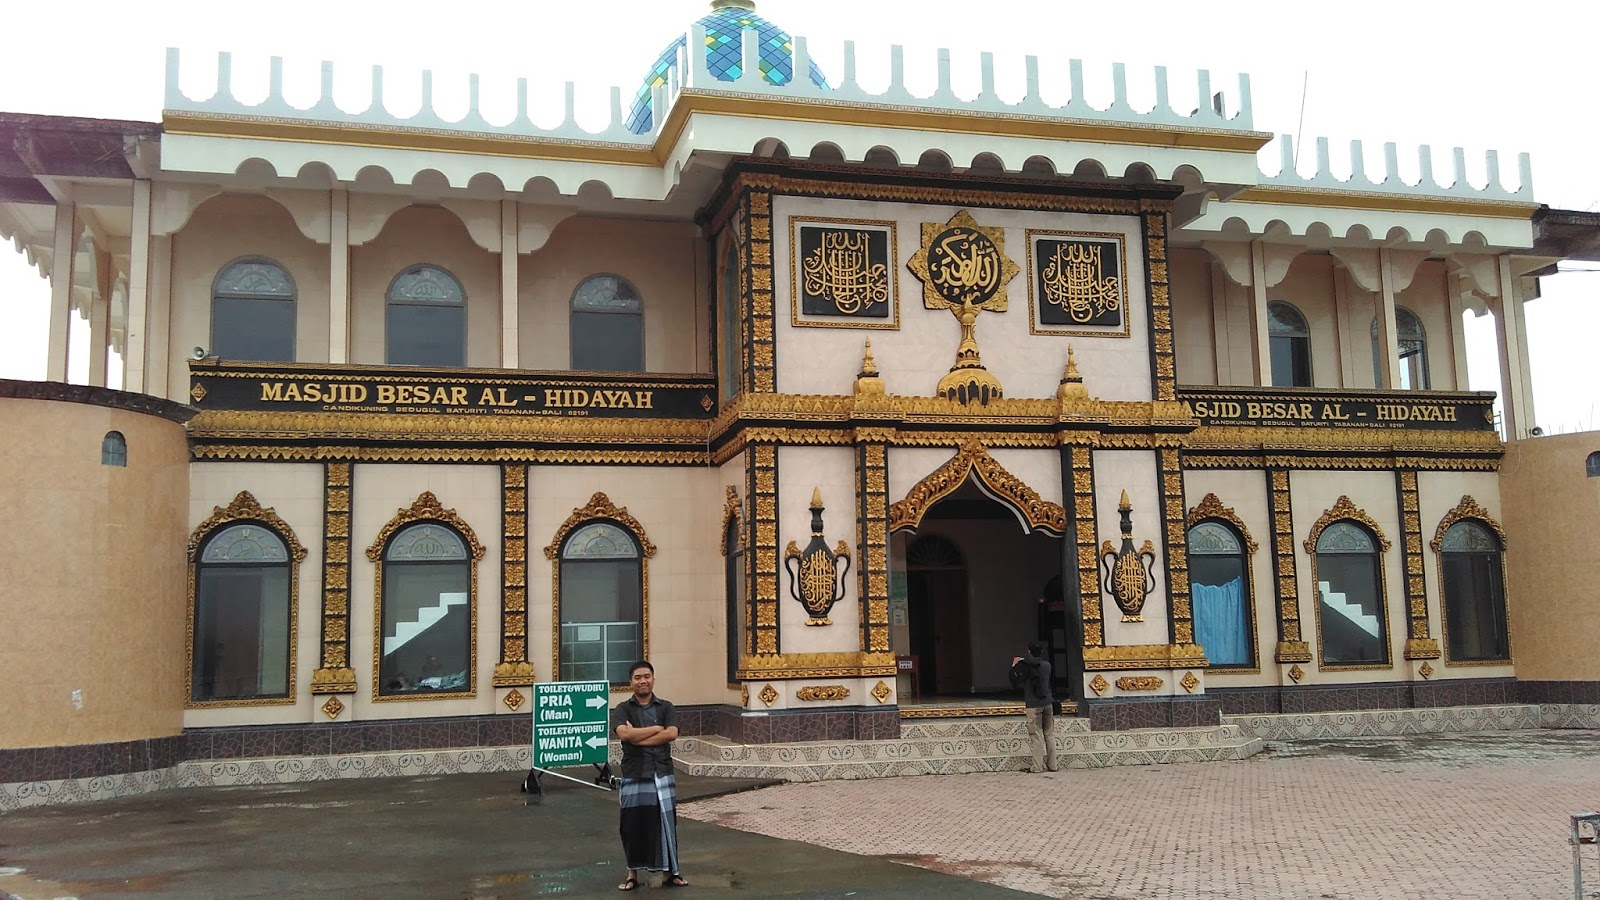 Masjid Besar Al Hidayah